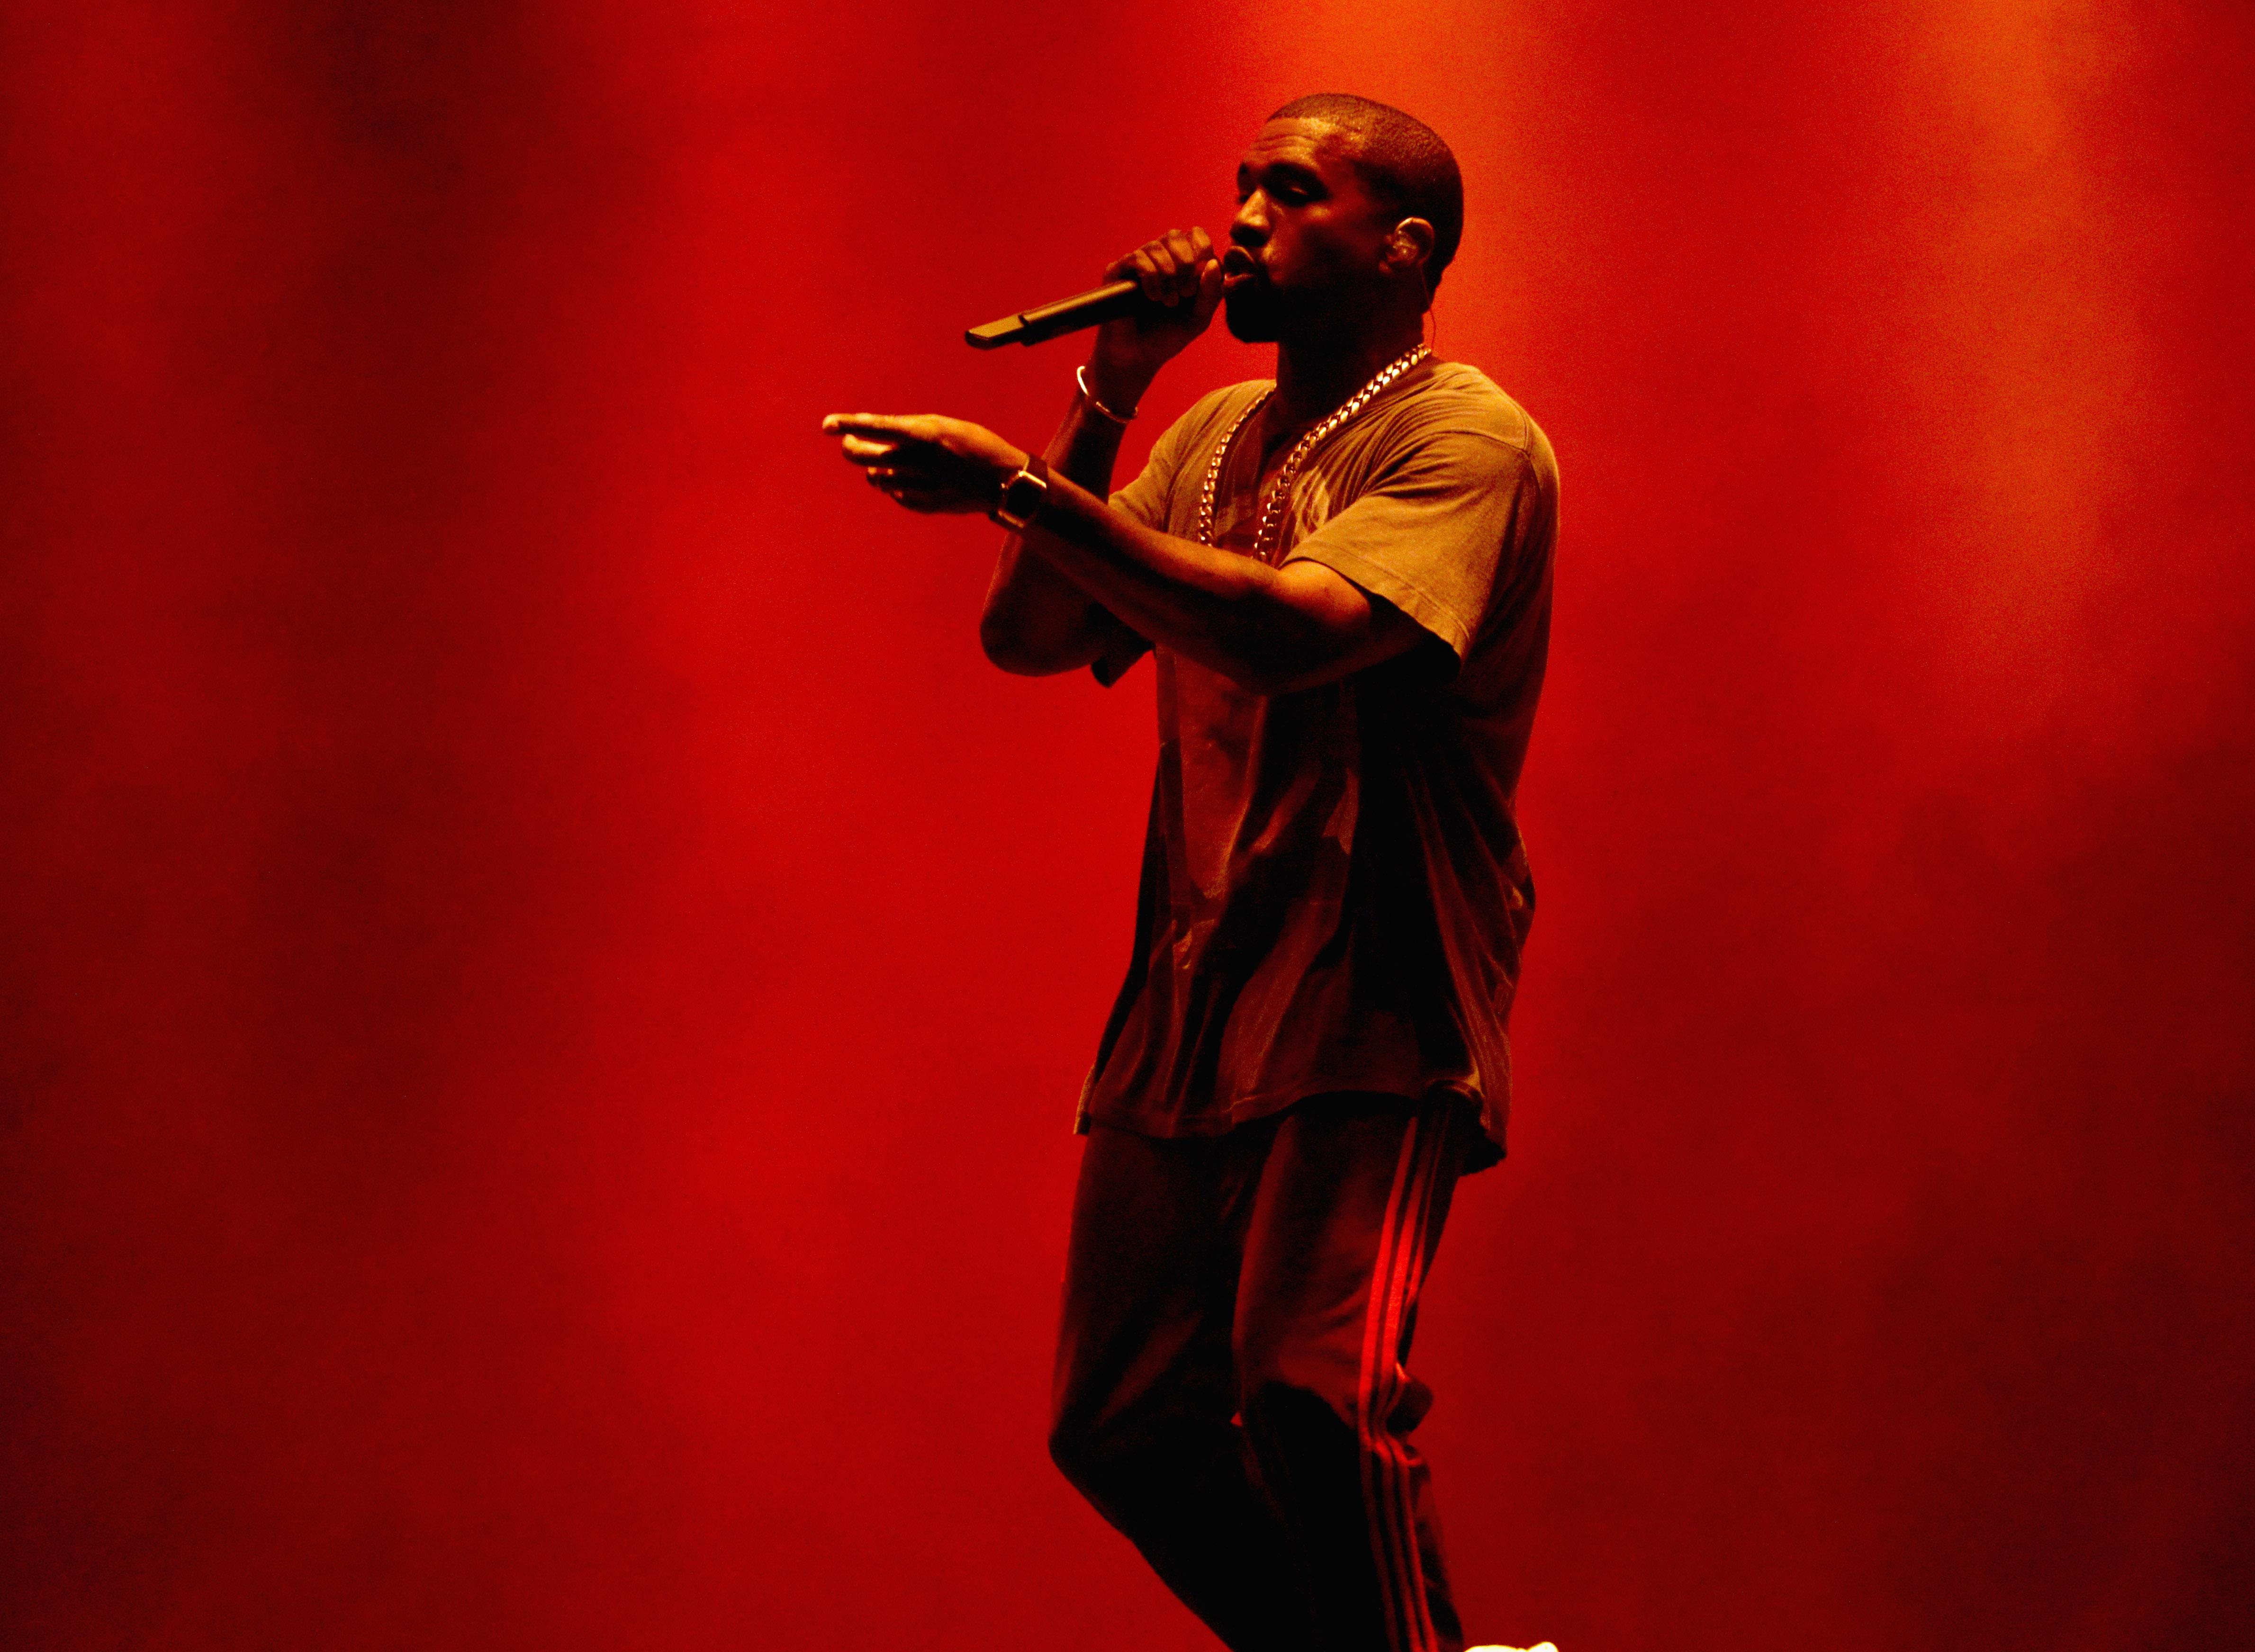 Kanye West onstage performing